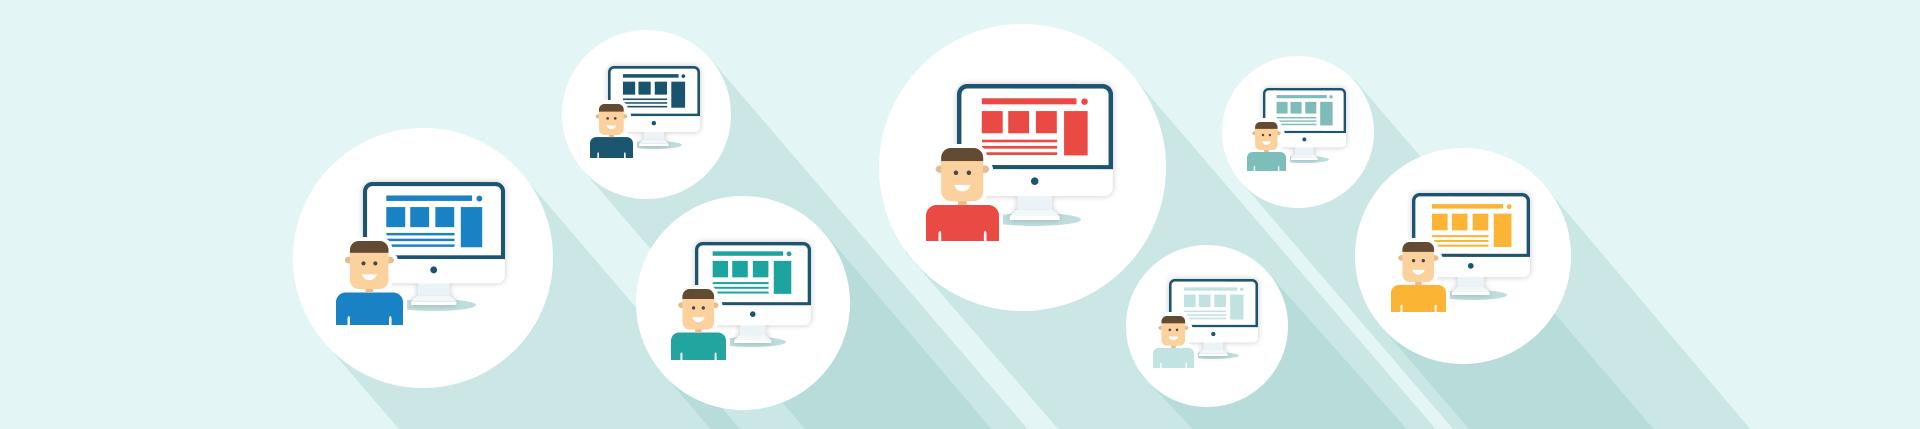 Website Personalization Engine